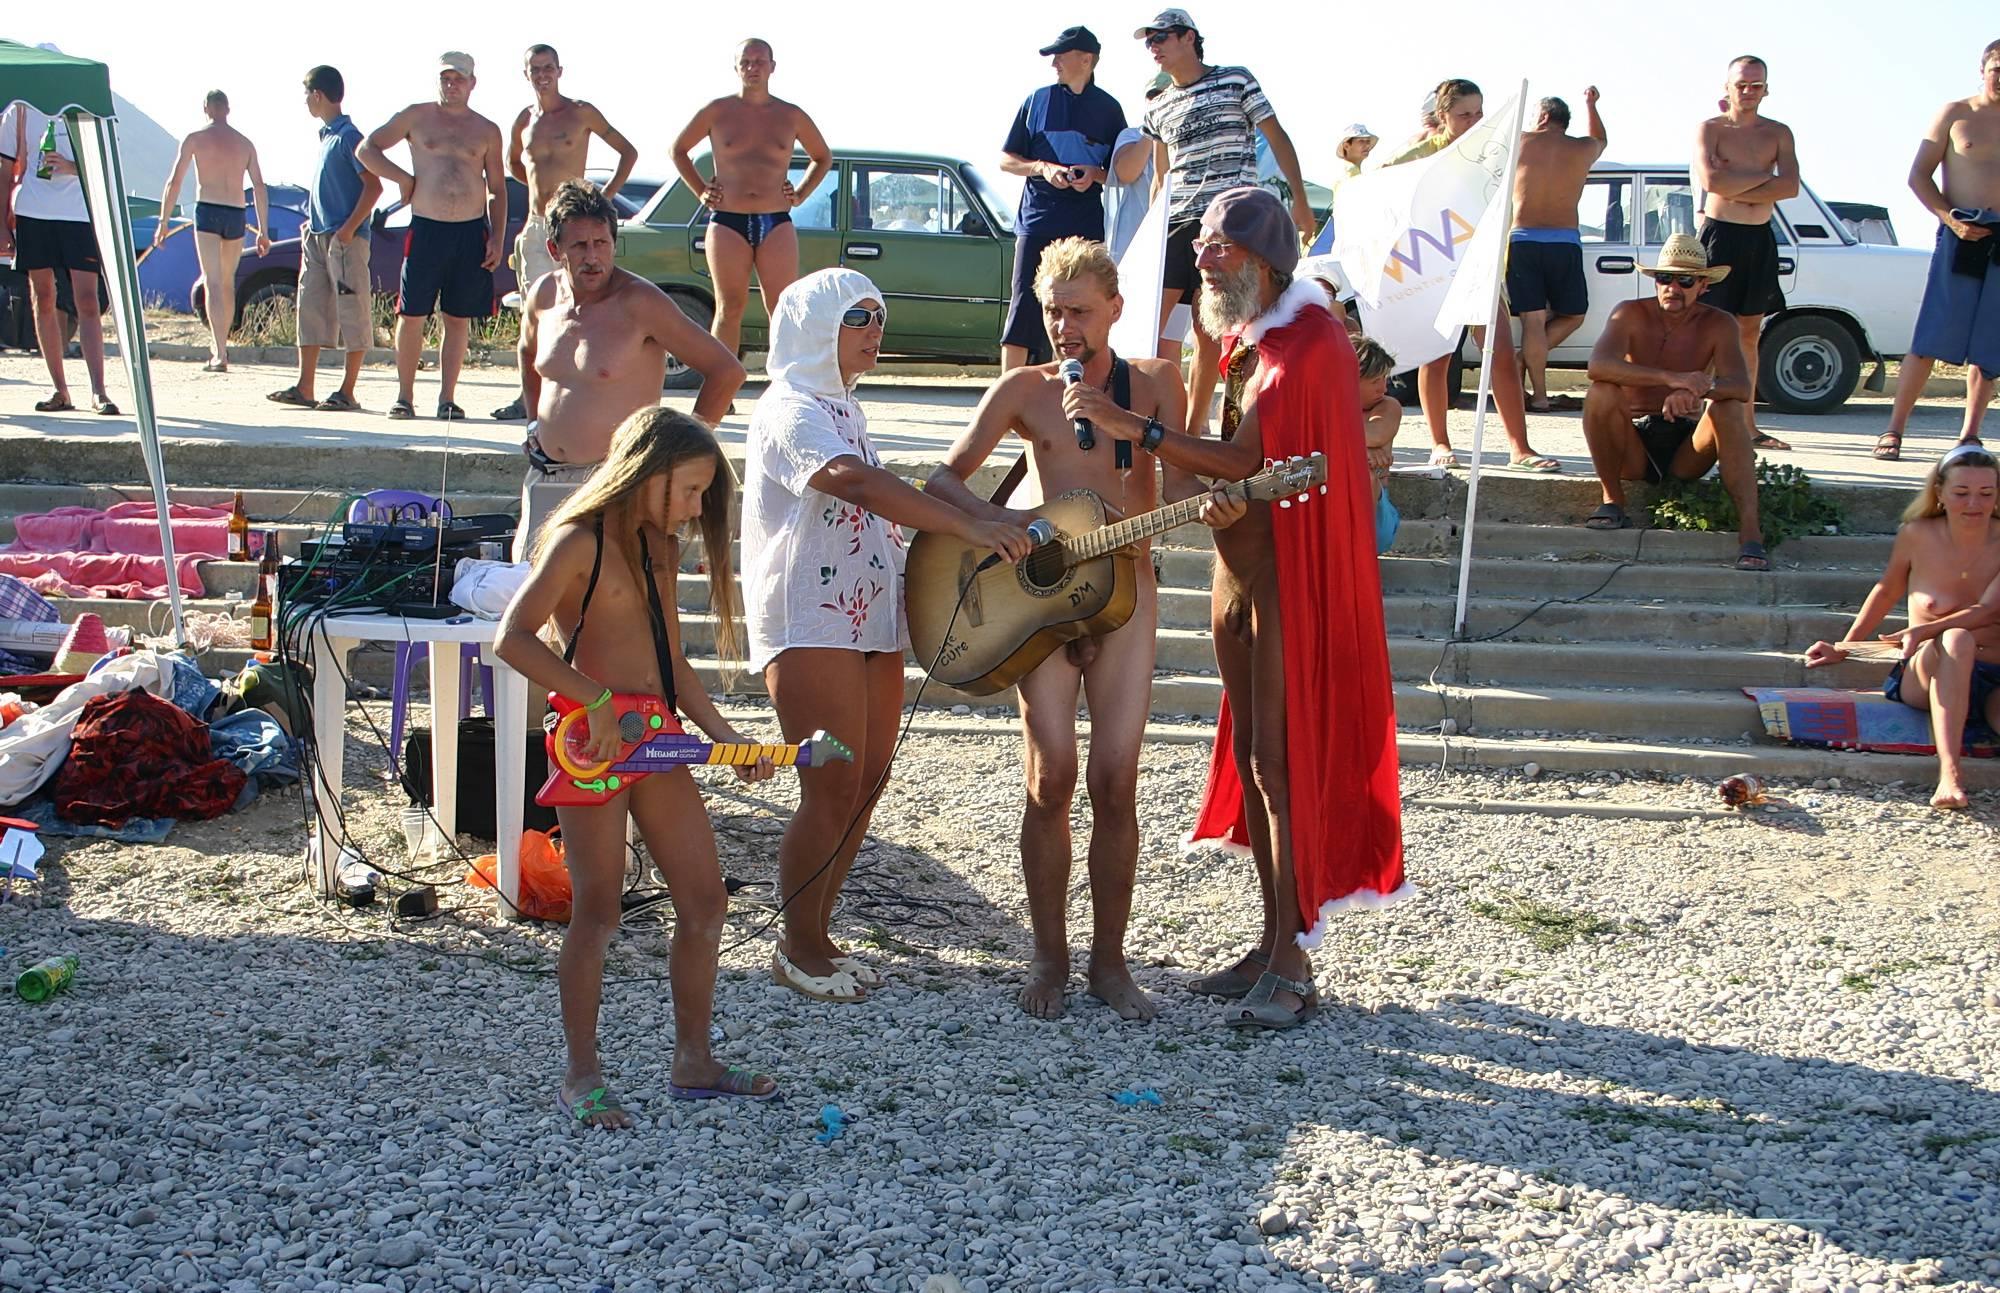 Nudist Pics Red Cape Dance Contest - 1